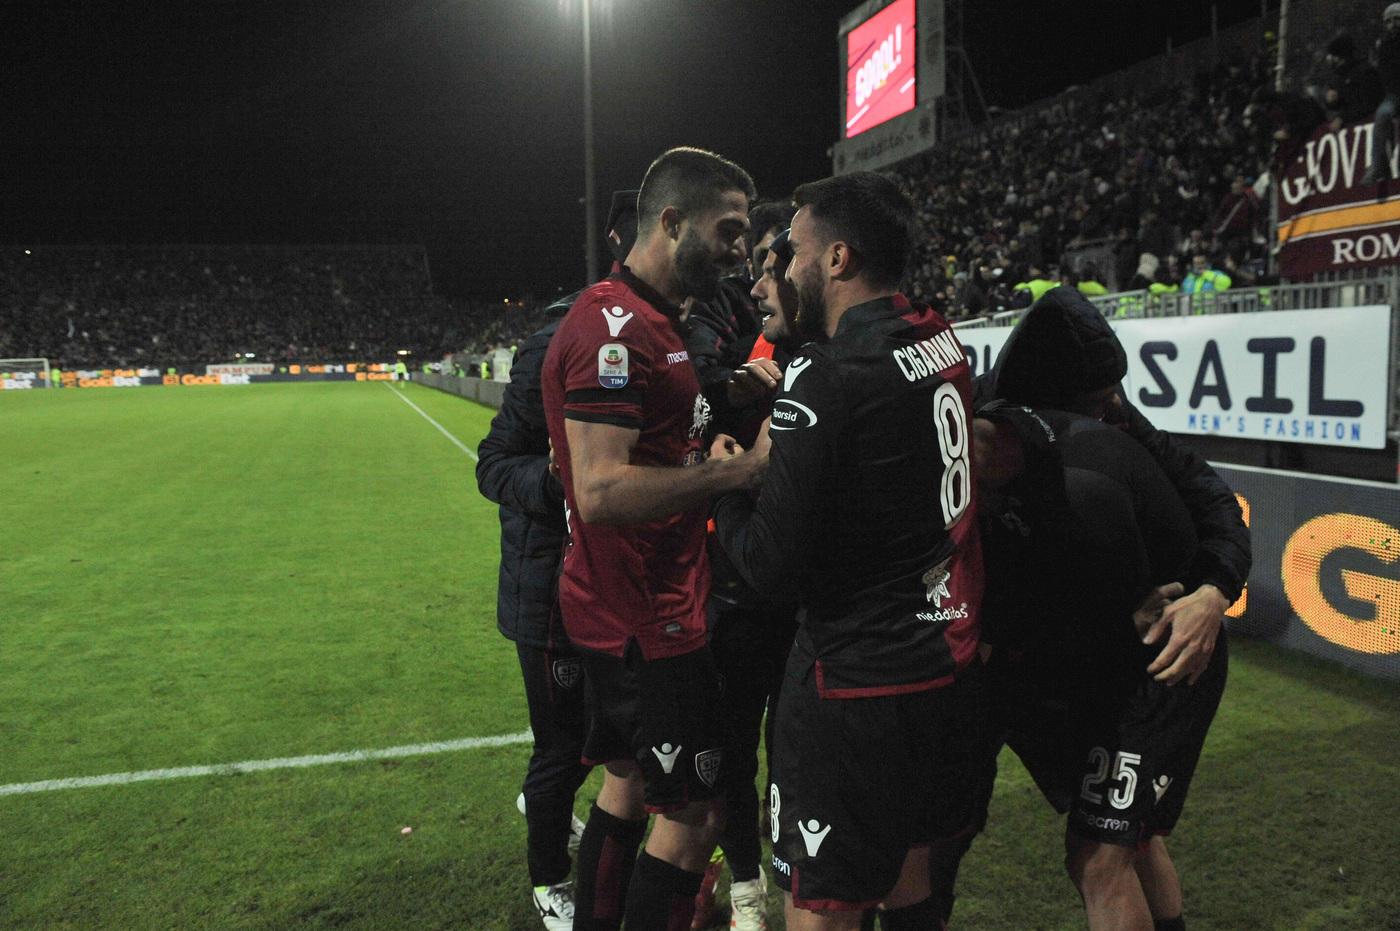 Un gol di Sau, al 95', gela la Roma quando ormai i tre punti sembravano cosa fatta. A Cagliari i giallorossi pareggiano 2-2 una partita buttata via nel finale. Nel primo tempo i giallorossi vanno in vantaggio 2-0 grazie a Cristante (14') e Cerri (41'), poi Ionita accorcia le distanze all'84' prima della doppia espulsione di Srna e Ceppitelli per proteste (93'). A pochi secondi dal termine, poi, l'attaccante sardo beffa Di Francesco.